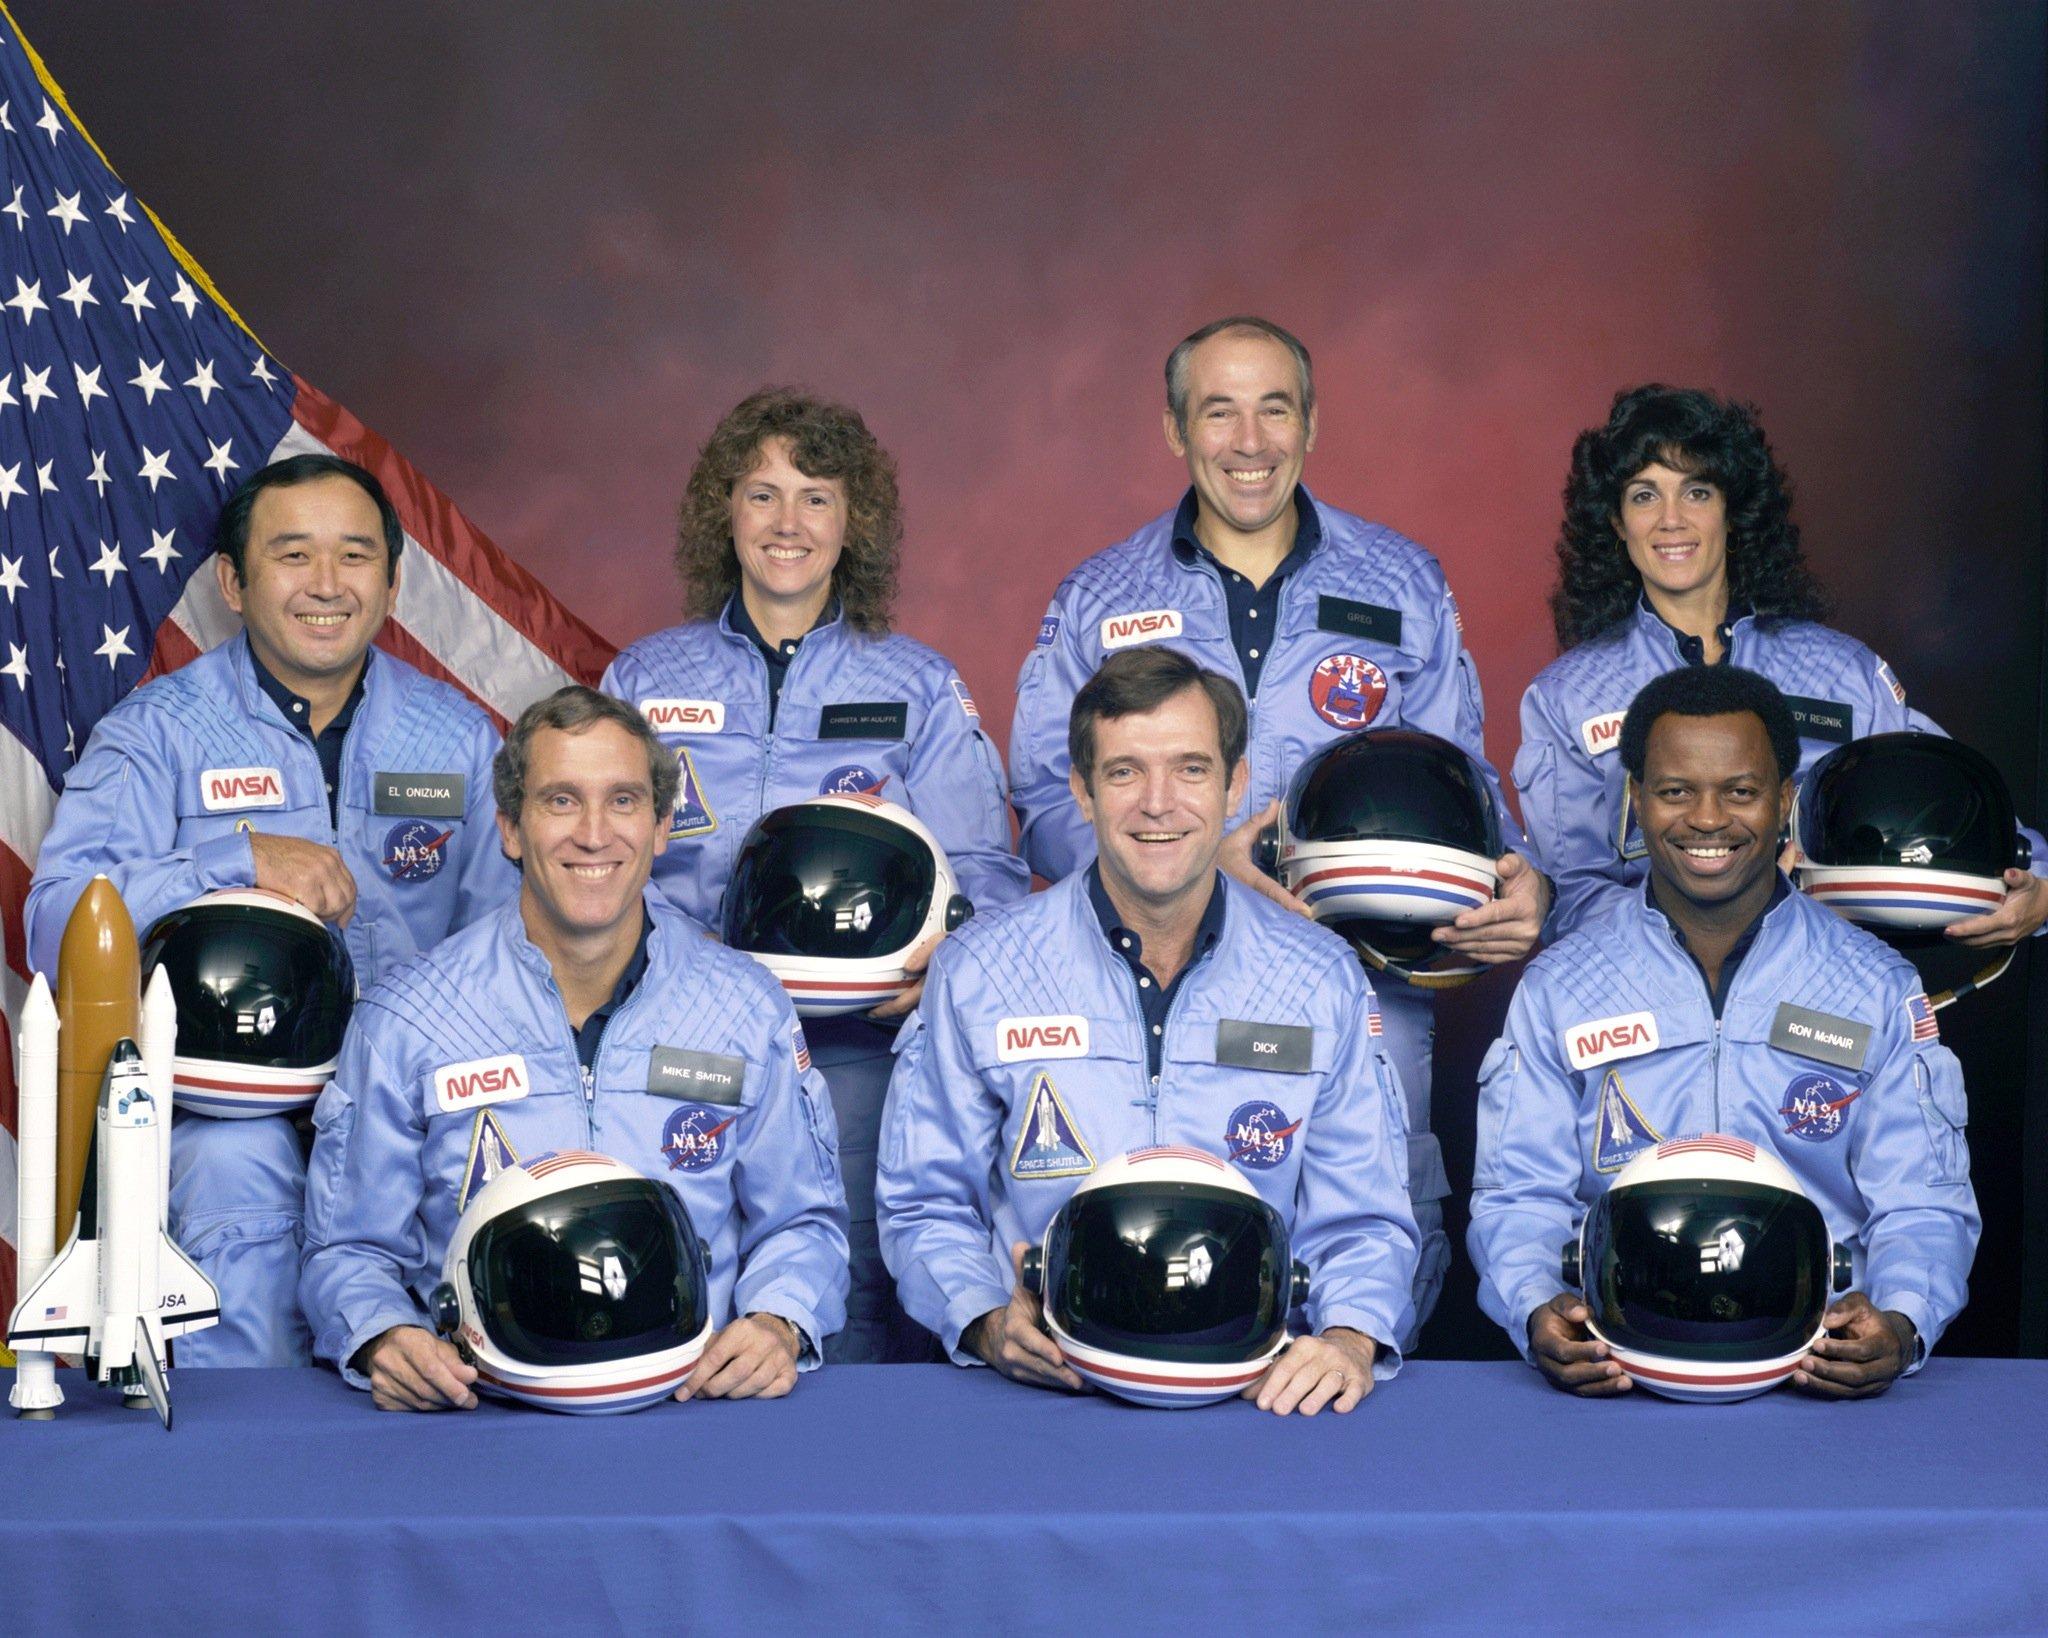 Die Crew der Challenger: Michael J. Smith, Francis Scobee und Ronald McNair (vordere Reihe von links) sowie Ellison Onizuka, Christa McAuliffe, Gregory Jarvis und Judith Resnik (hintere Reihe von links)